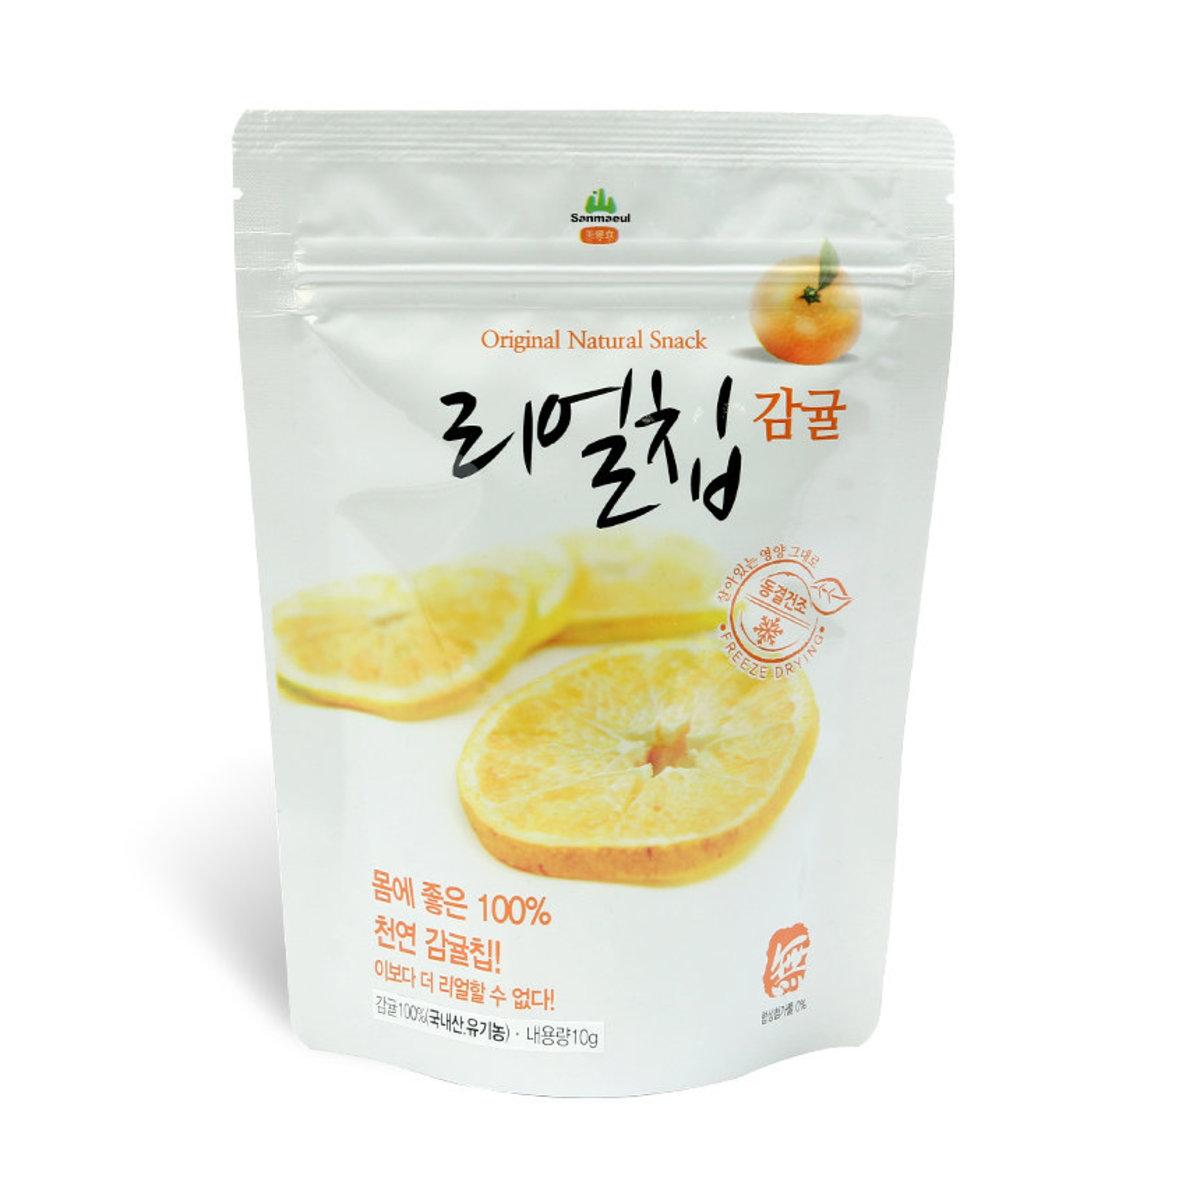 韓國蜜柑果乾 10g (1入裝)100%天然無添加